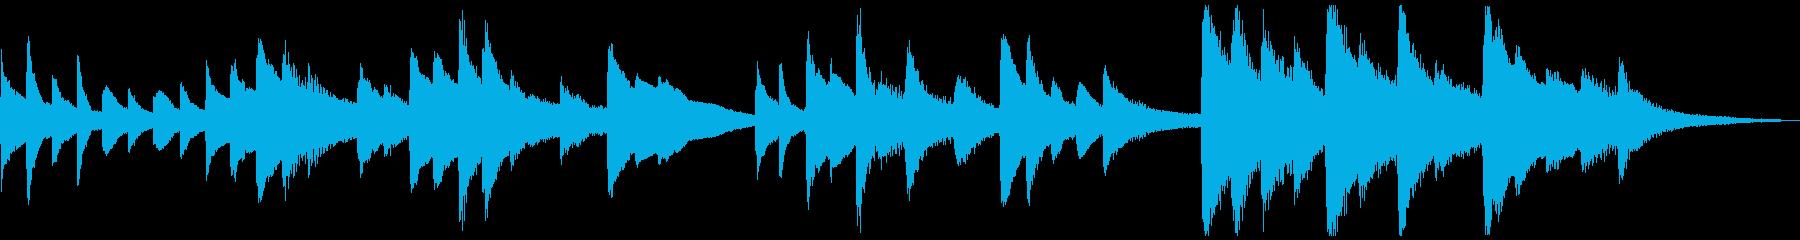 短いソロピアノのジングル曲2の再生済みの波形